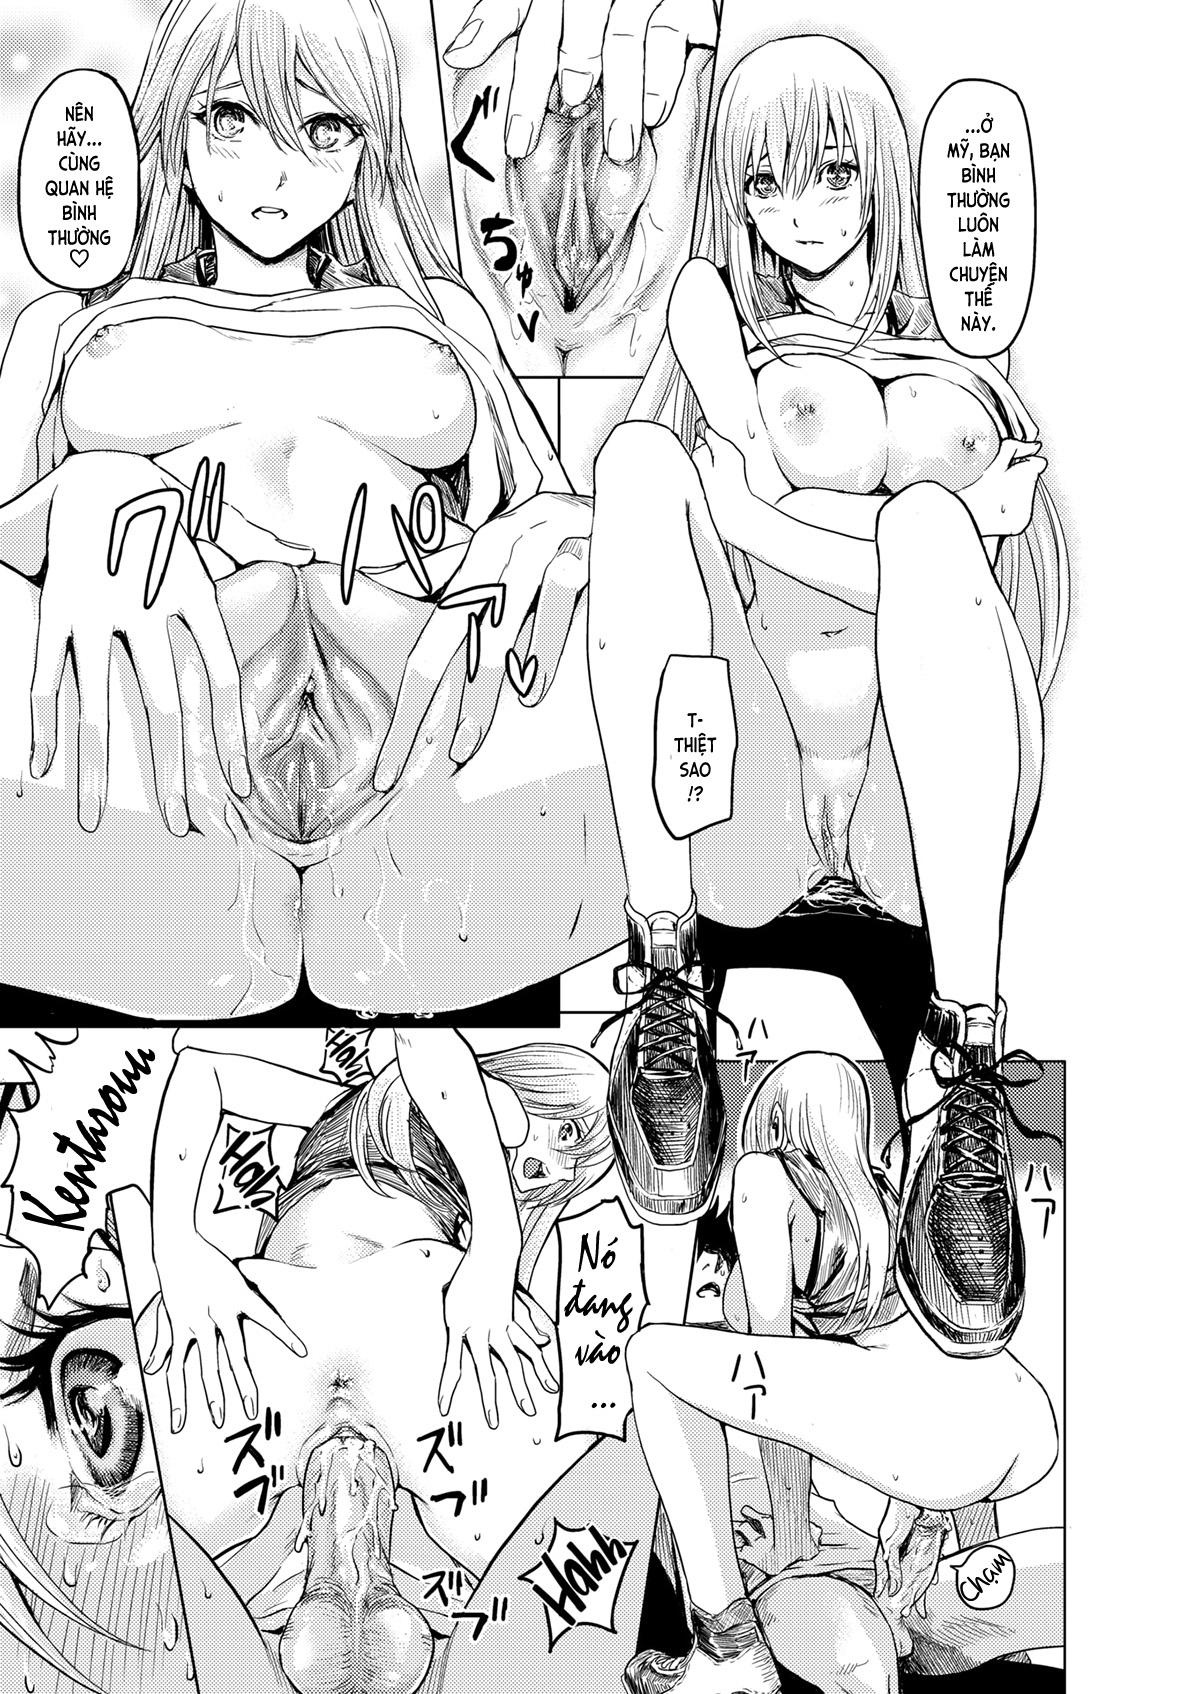 Hình ảnh  trong bài viết The Story of How a 1-ON-1 Ended in Rauchy Sex